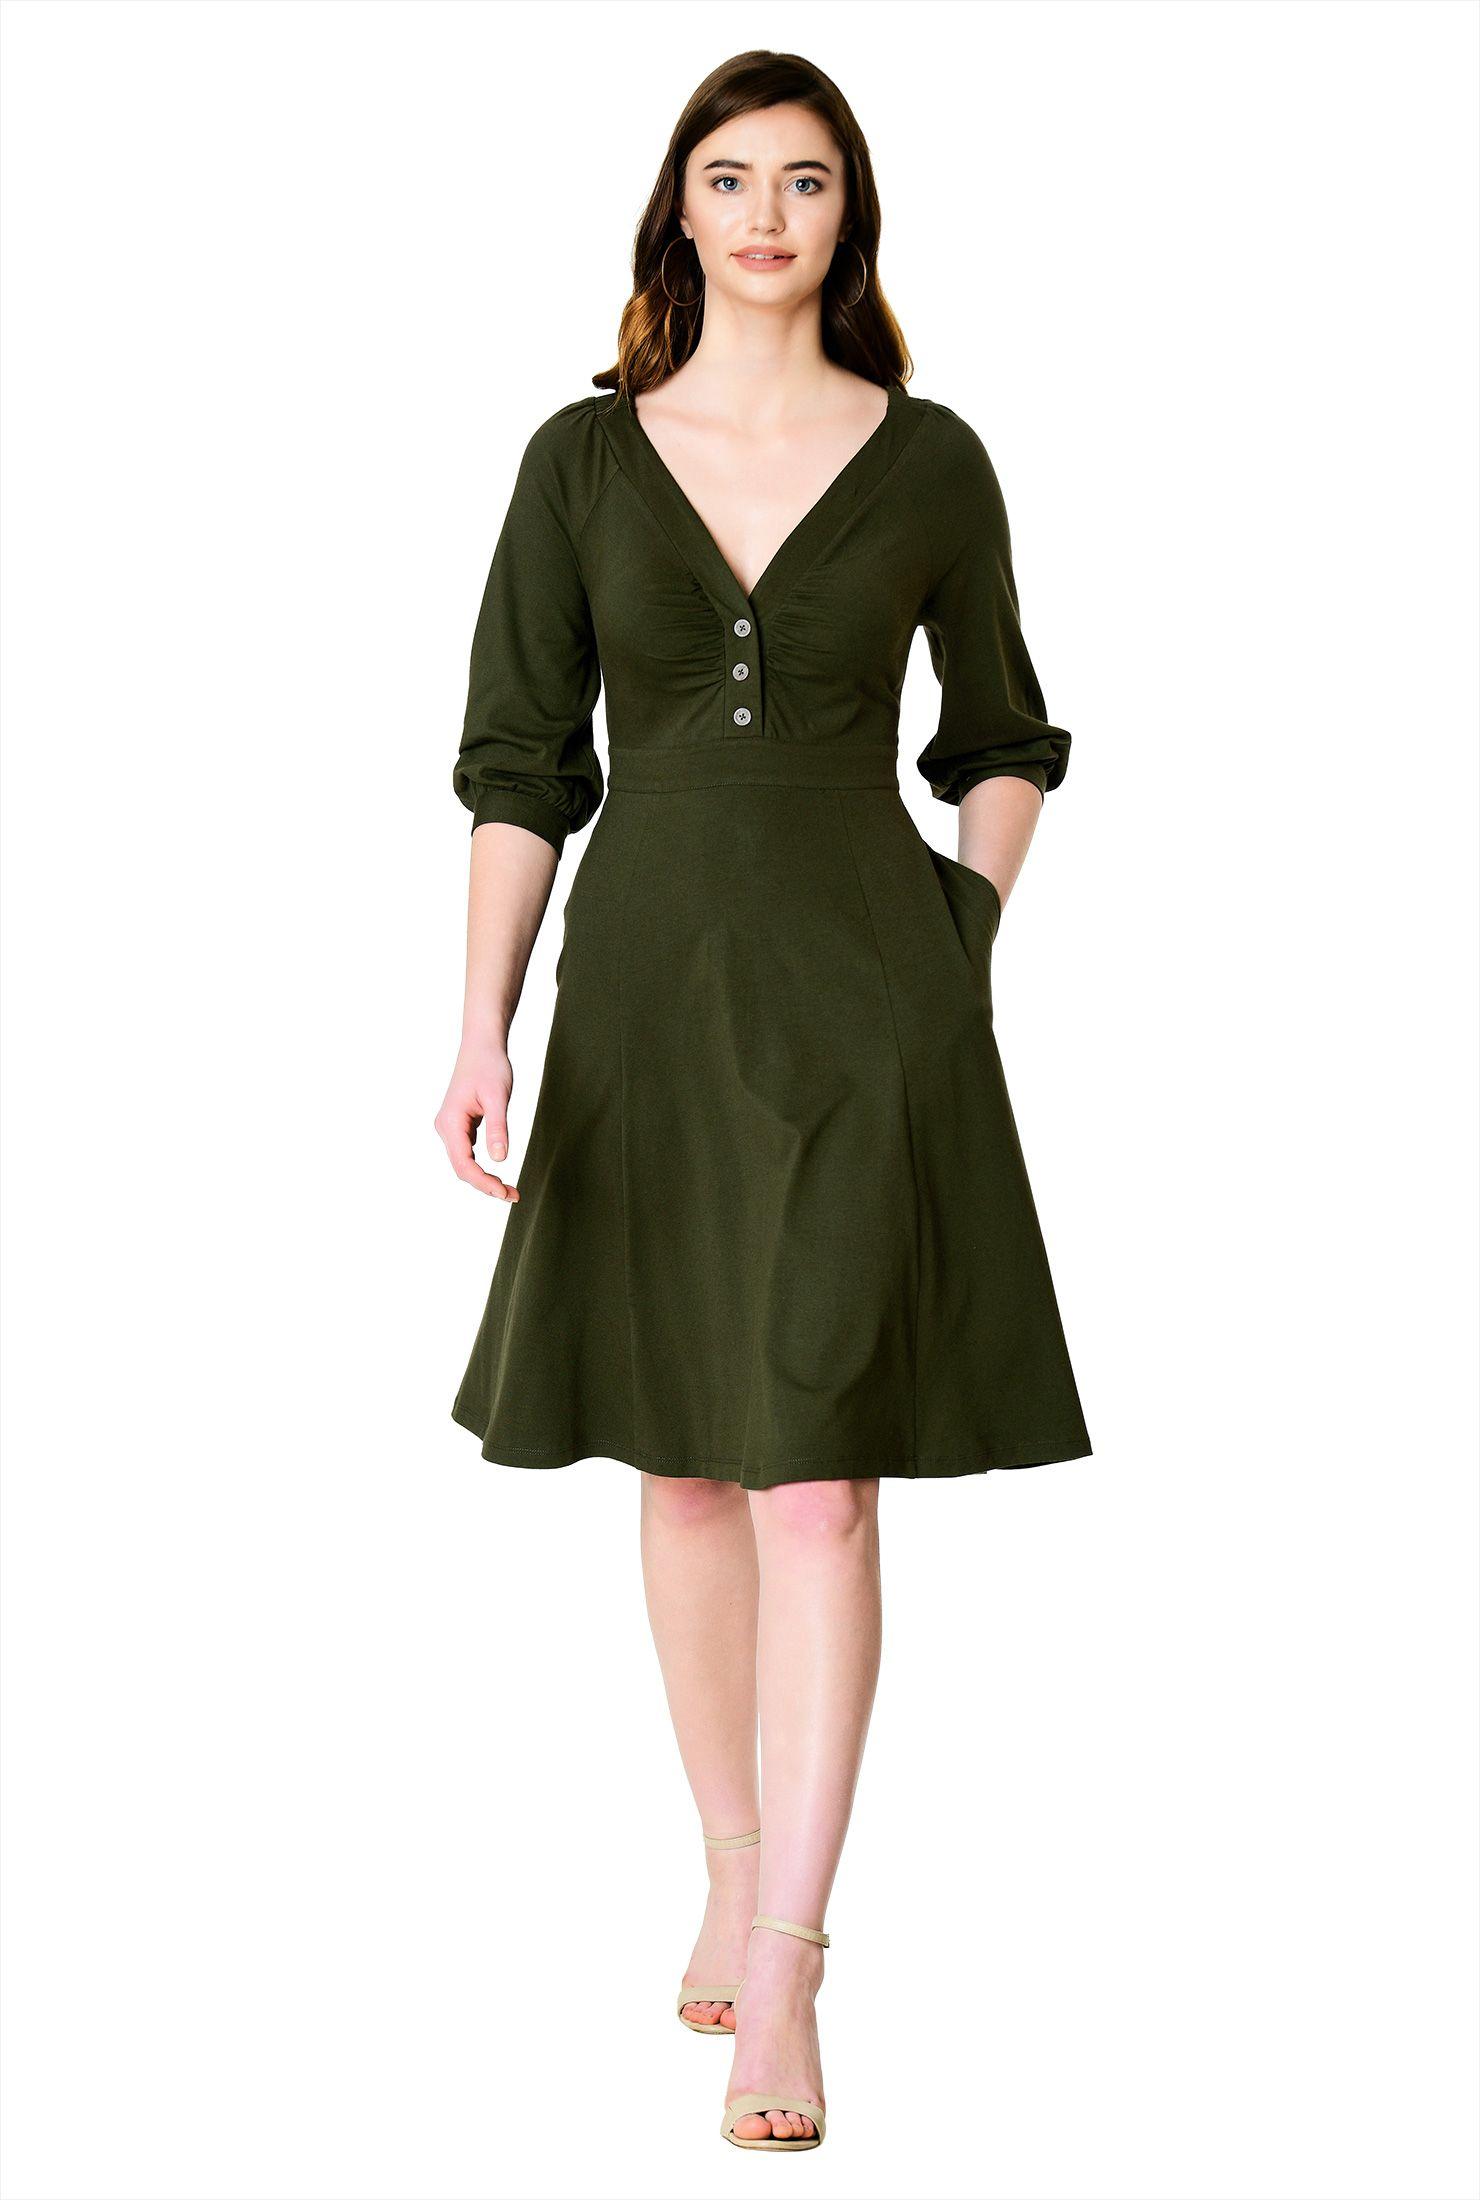 05b0f362415 Women's Fashion Clothing 0-36W and Custom   Wish List in 2019 ...